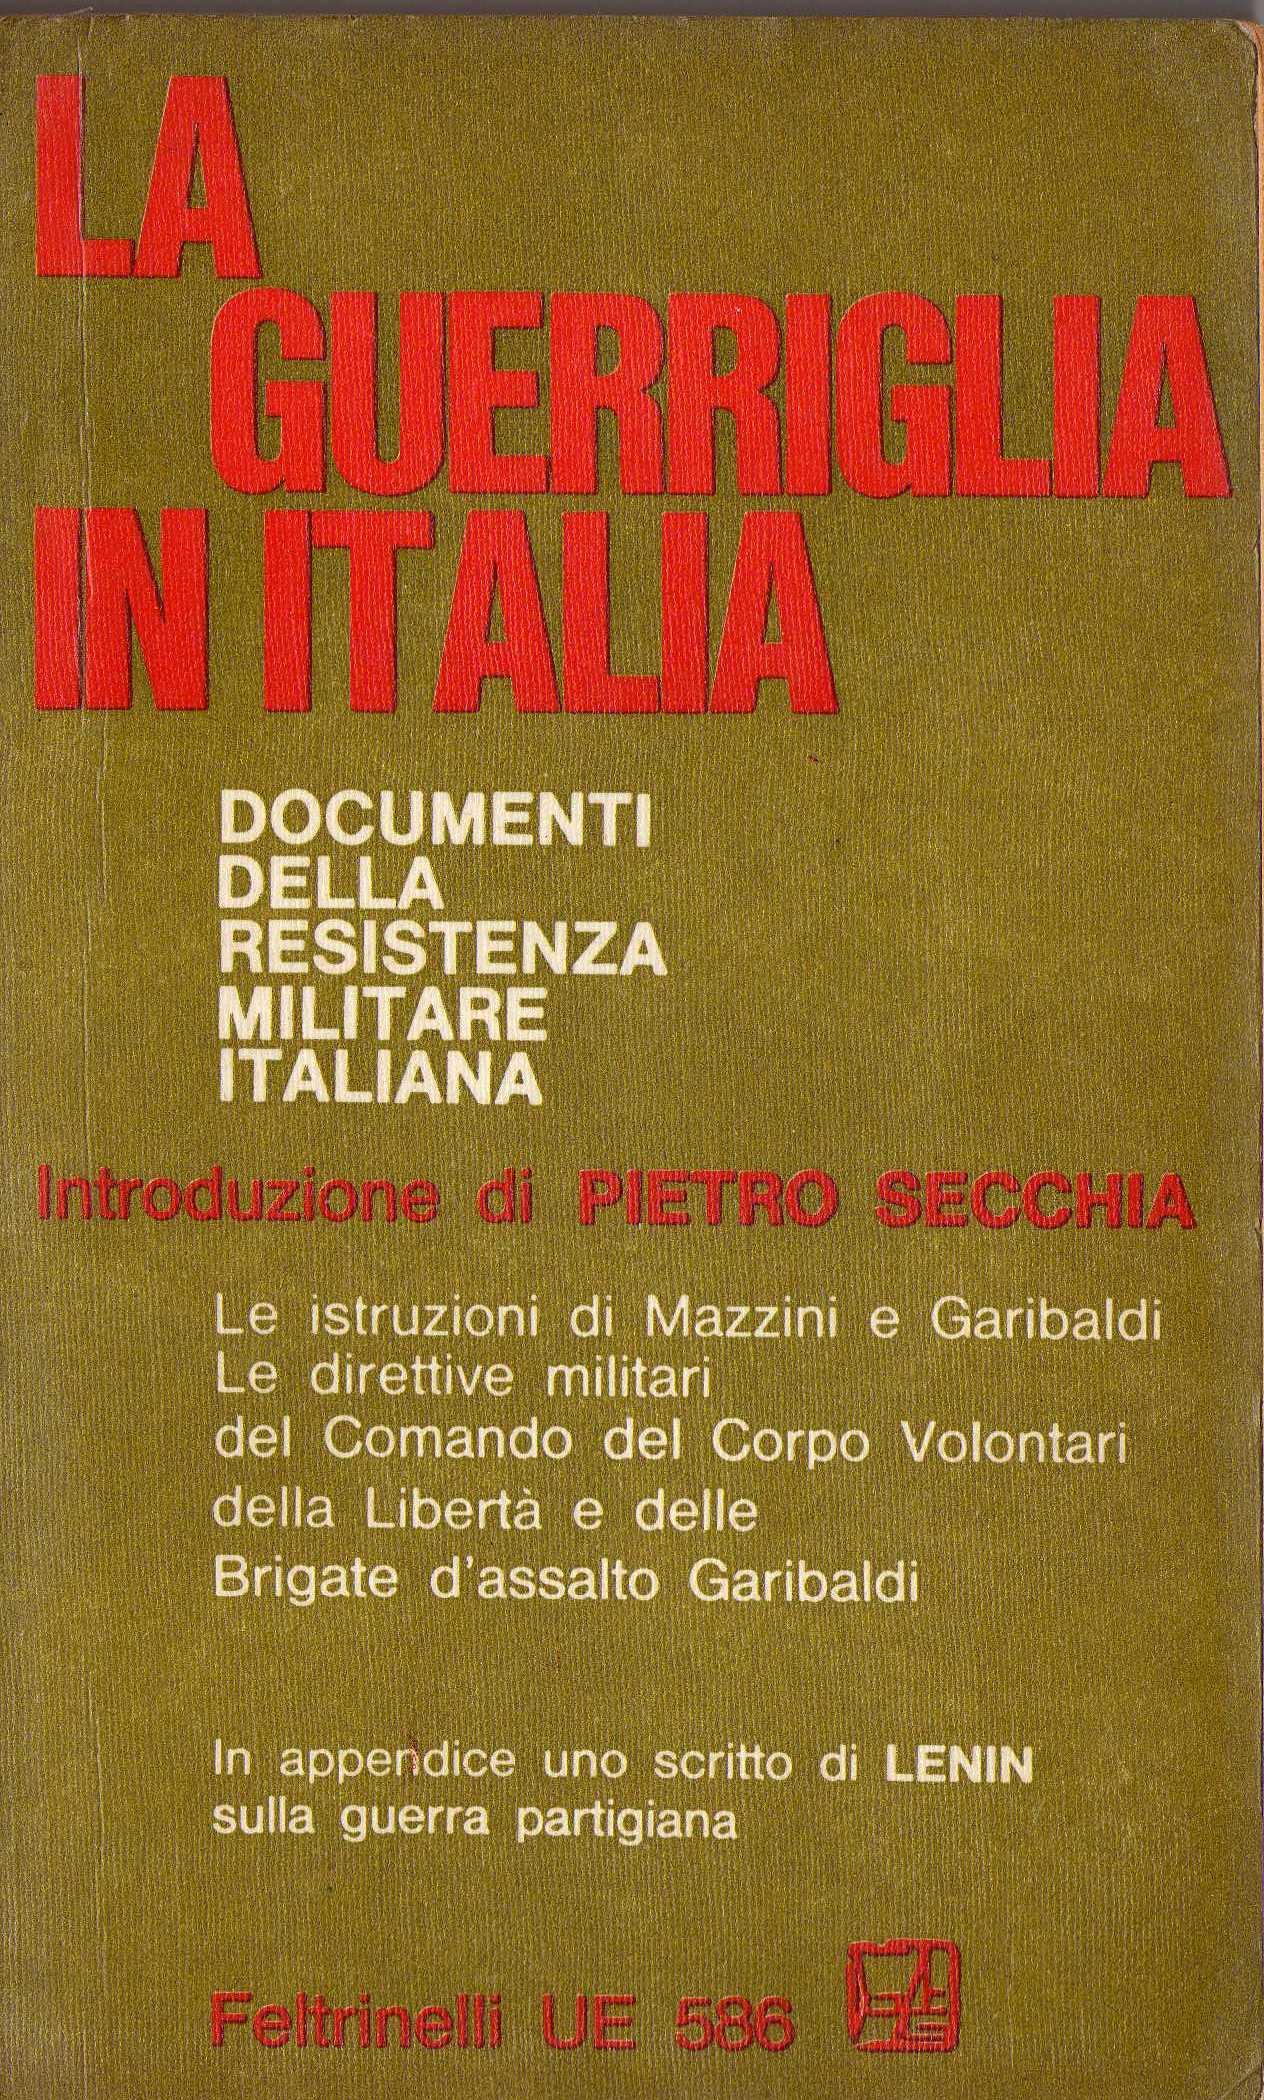 La guerriglia in Italia